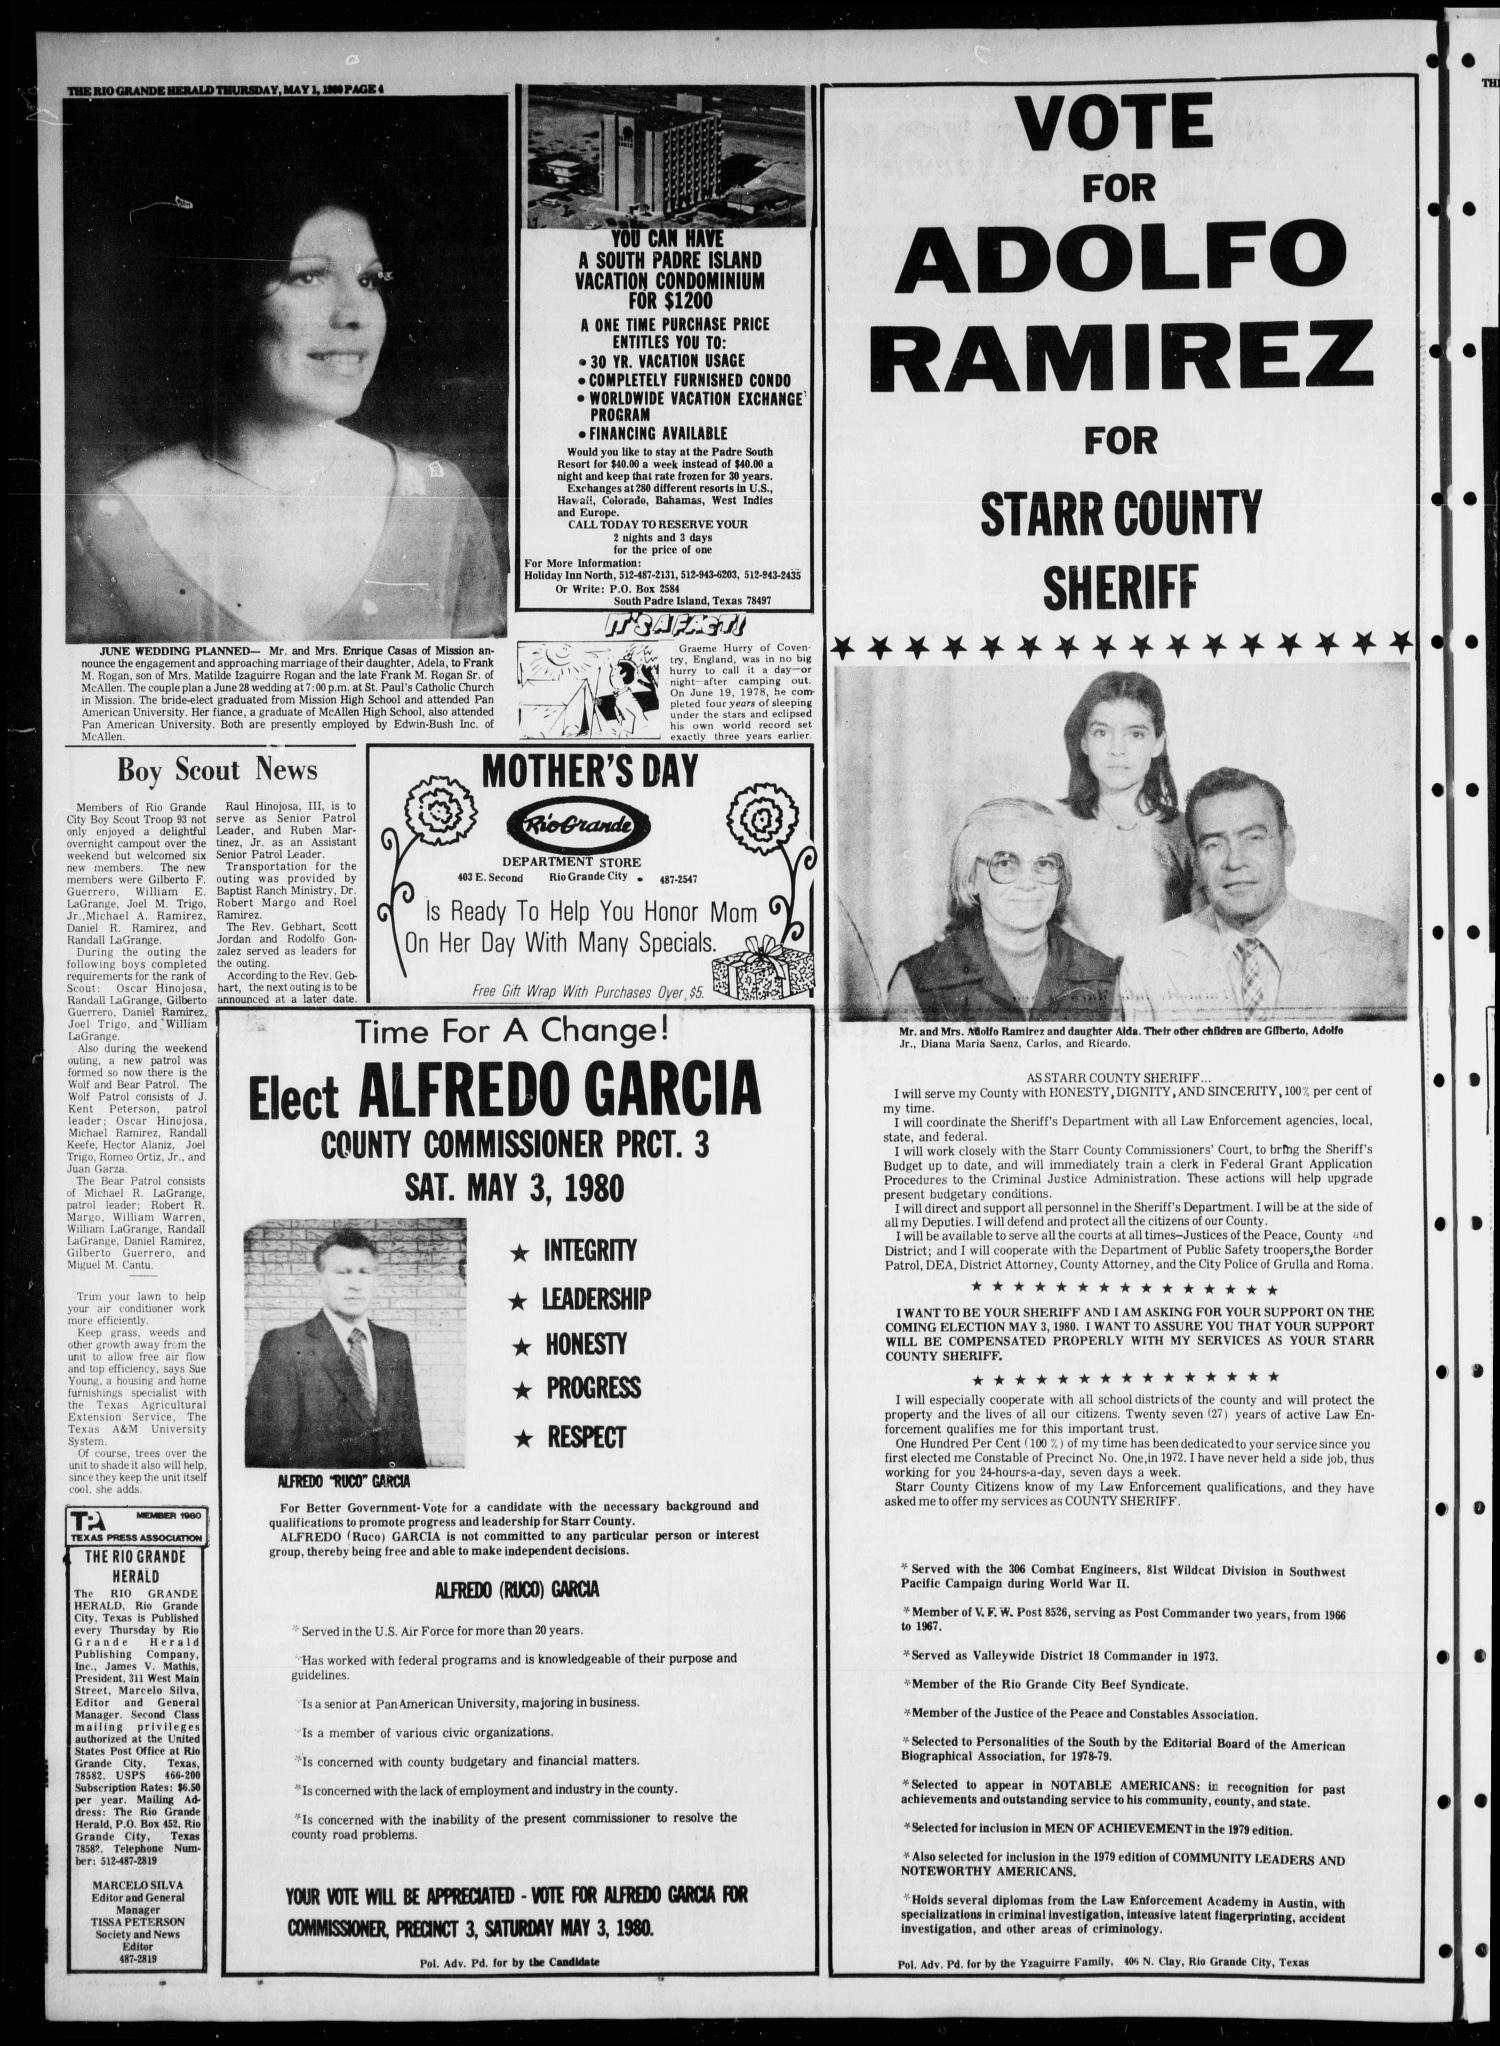 Rio Grande Herald (Rio Grande City, Tex ), Vol  35, No  33, Ed  1